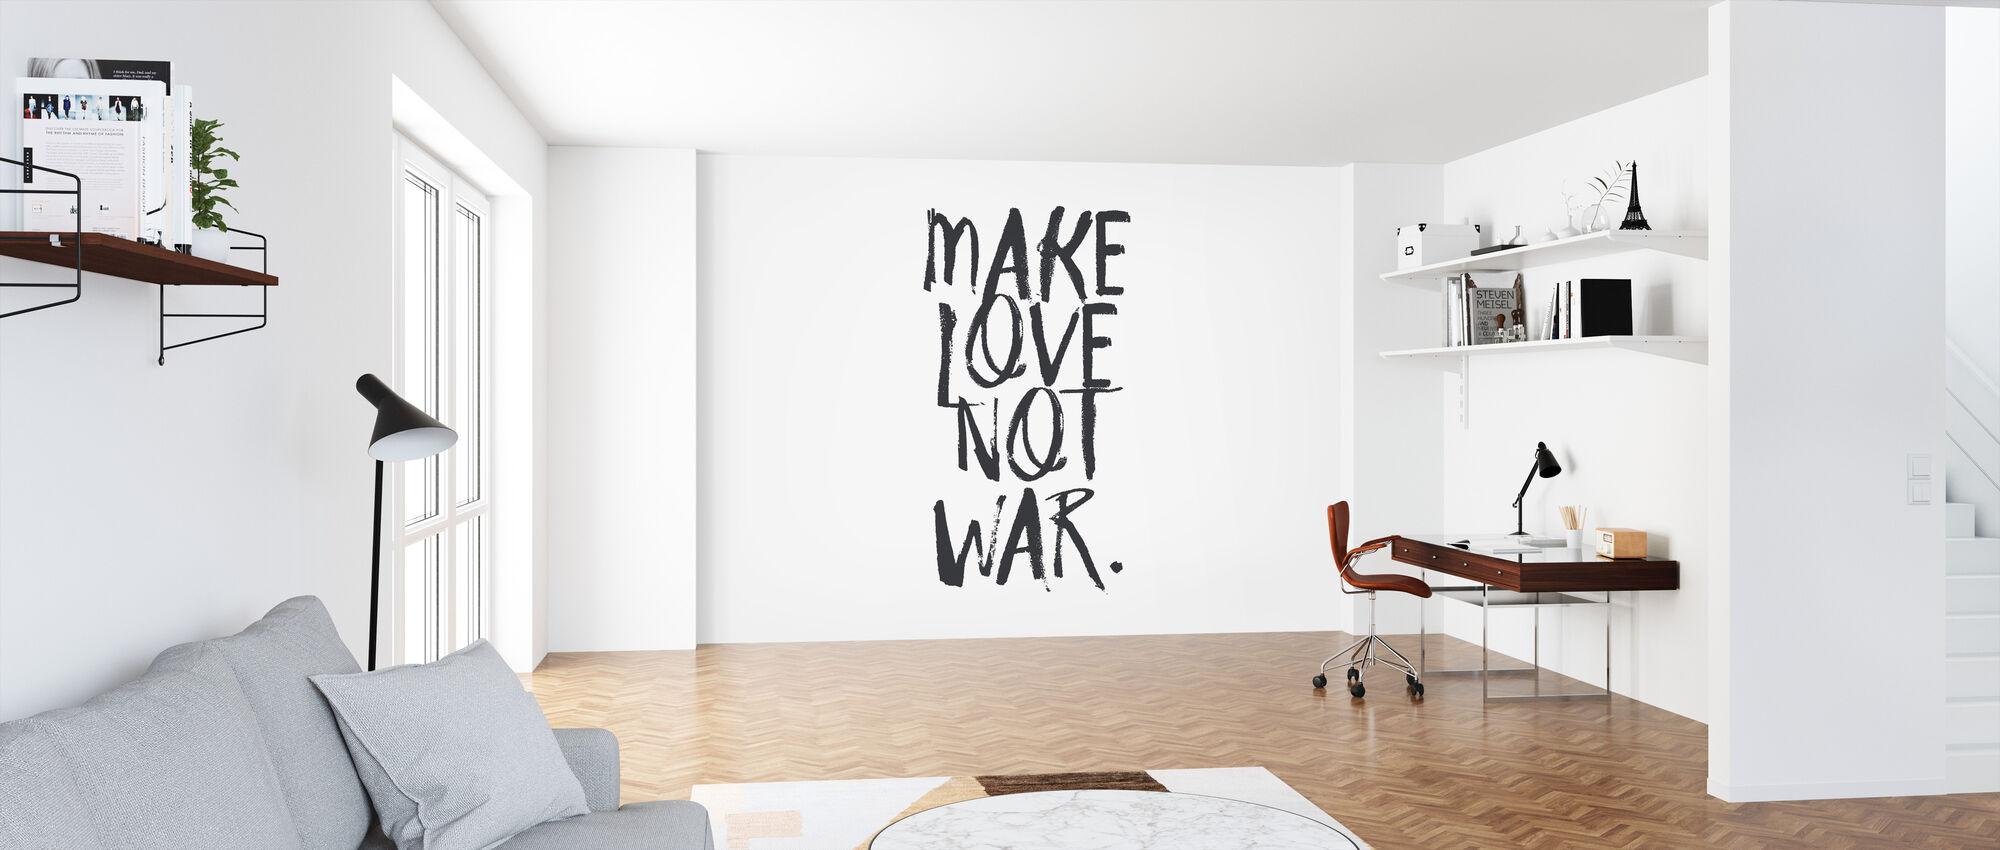 Make Love Not War - Wallpaper - Office